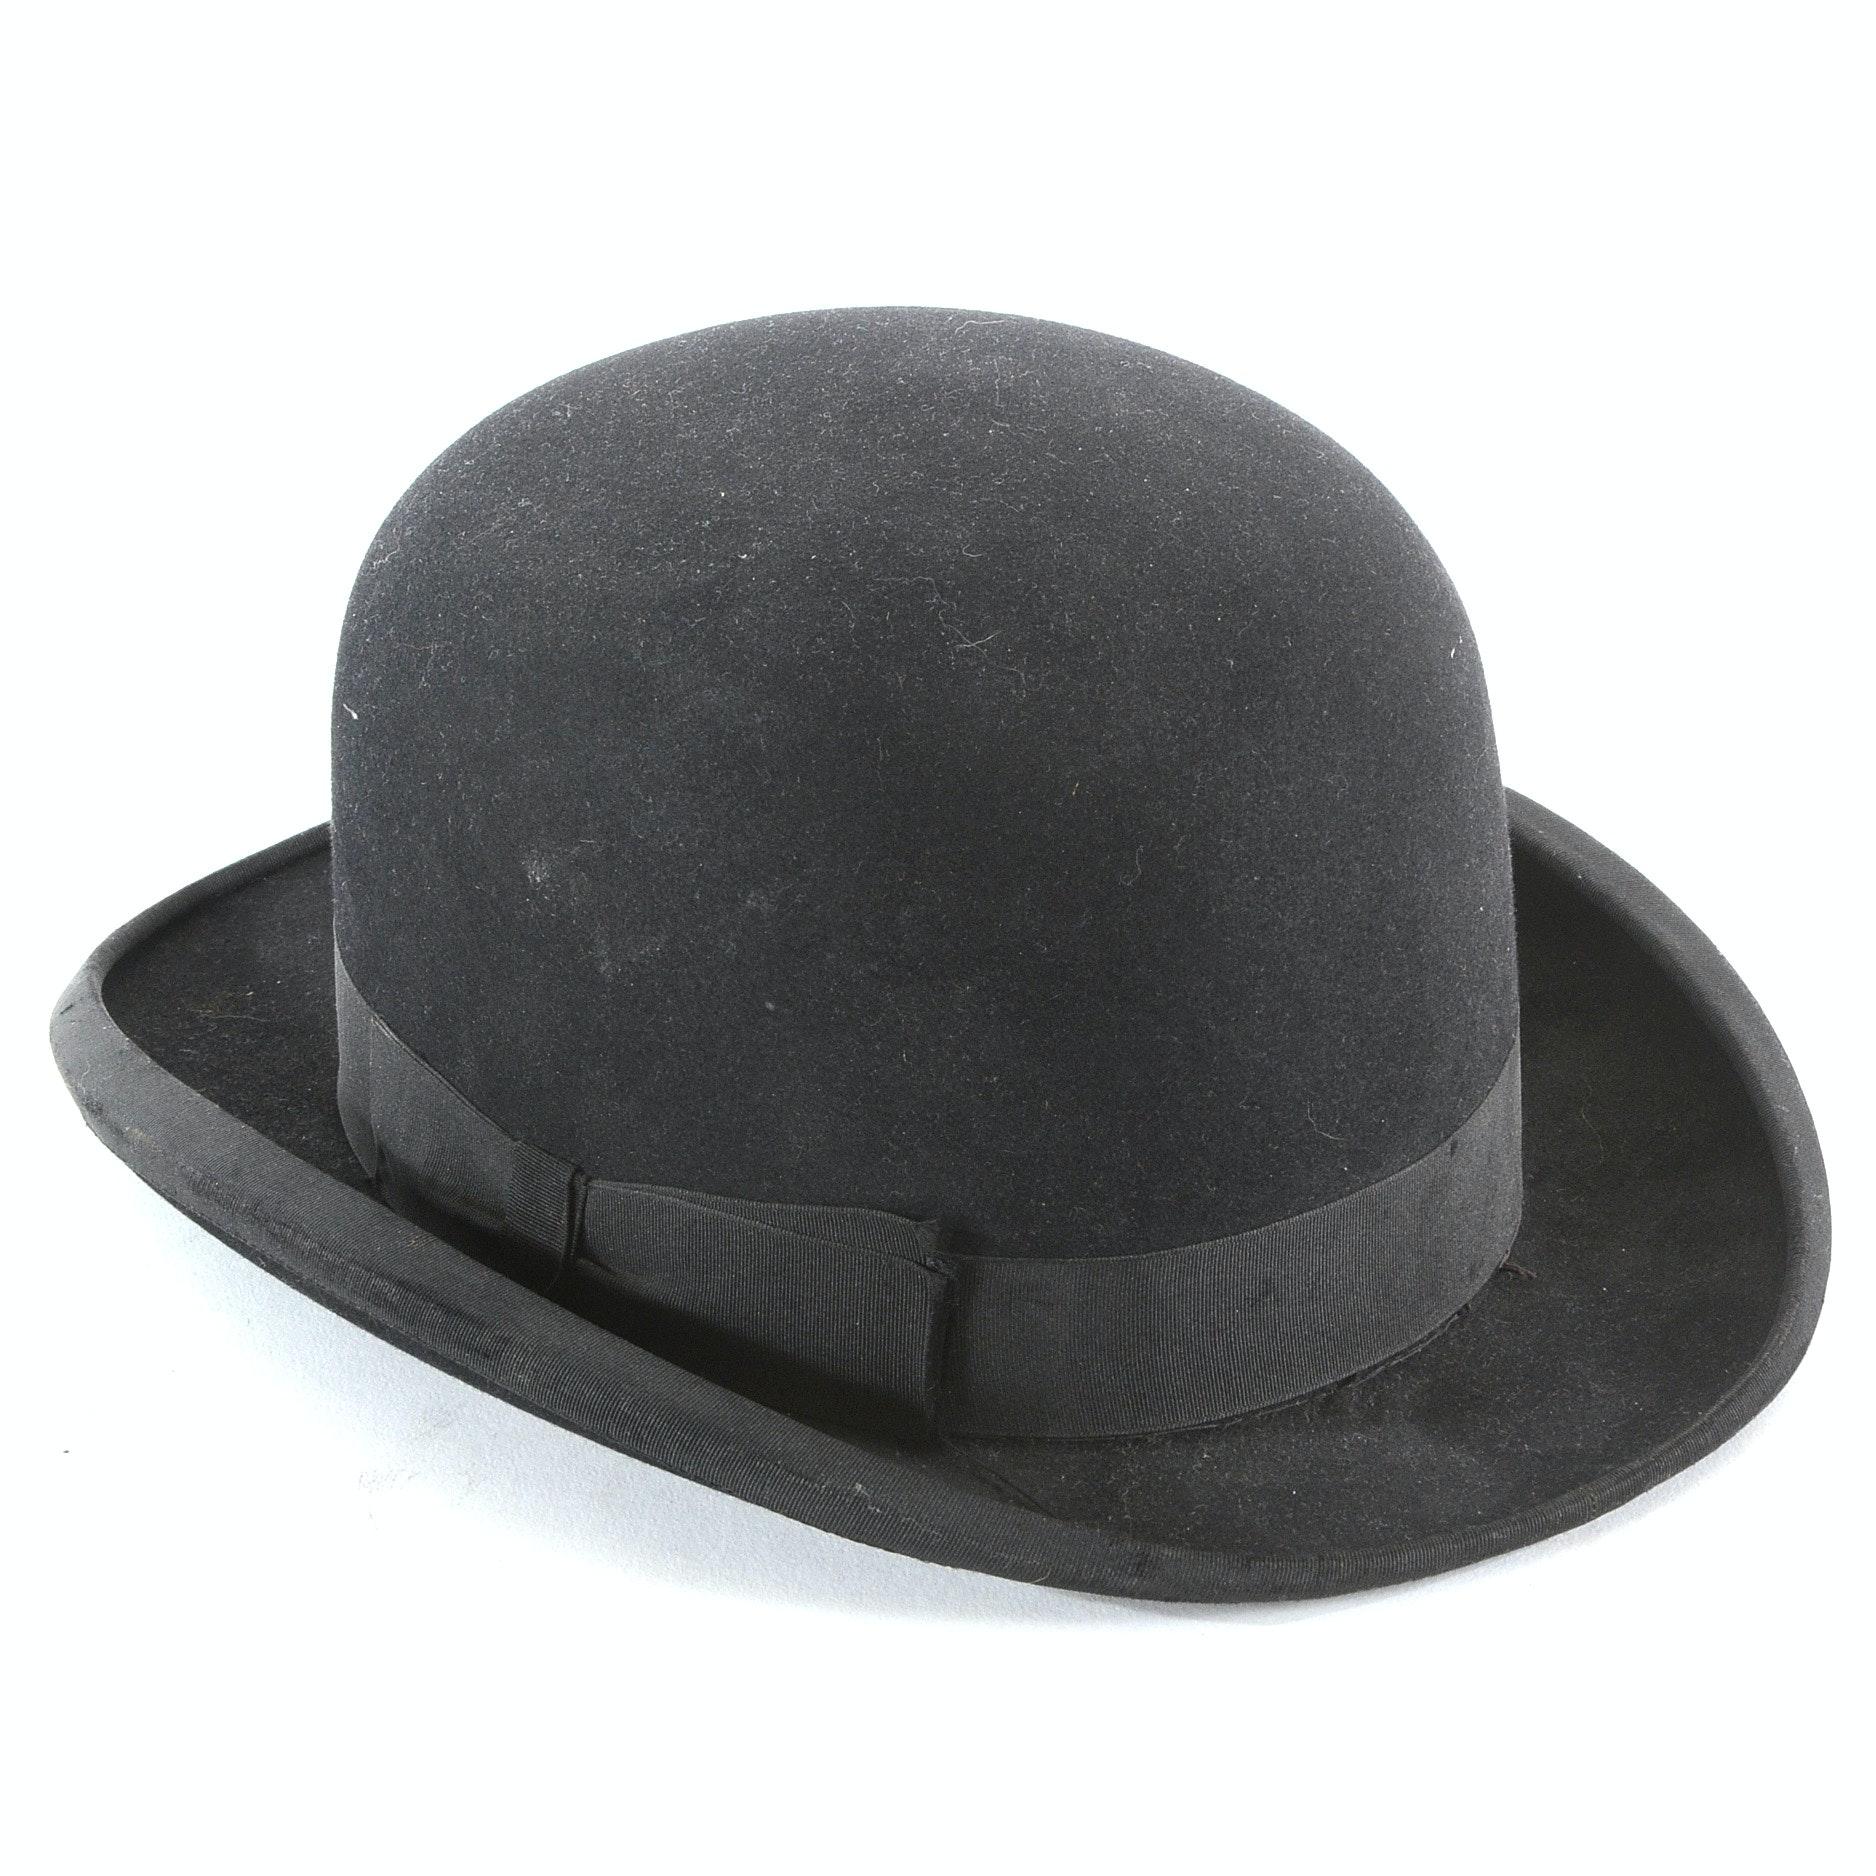 Vintage Men's Bowler Hat